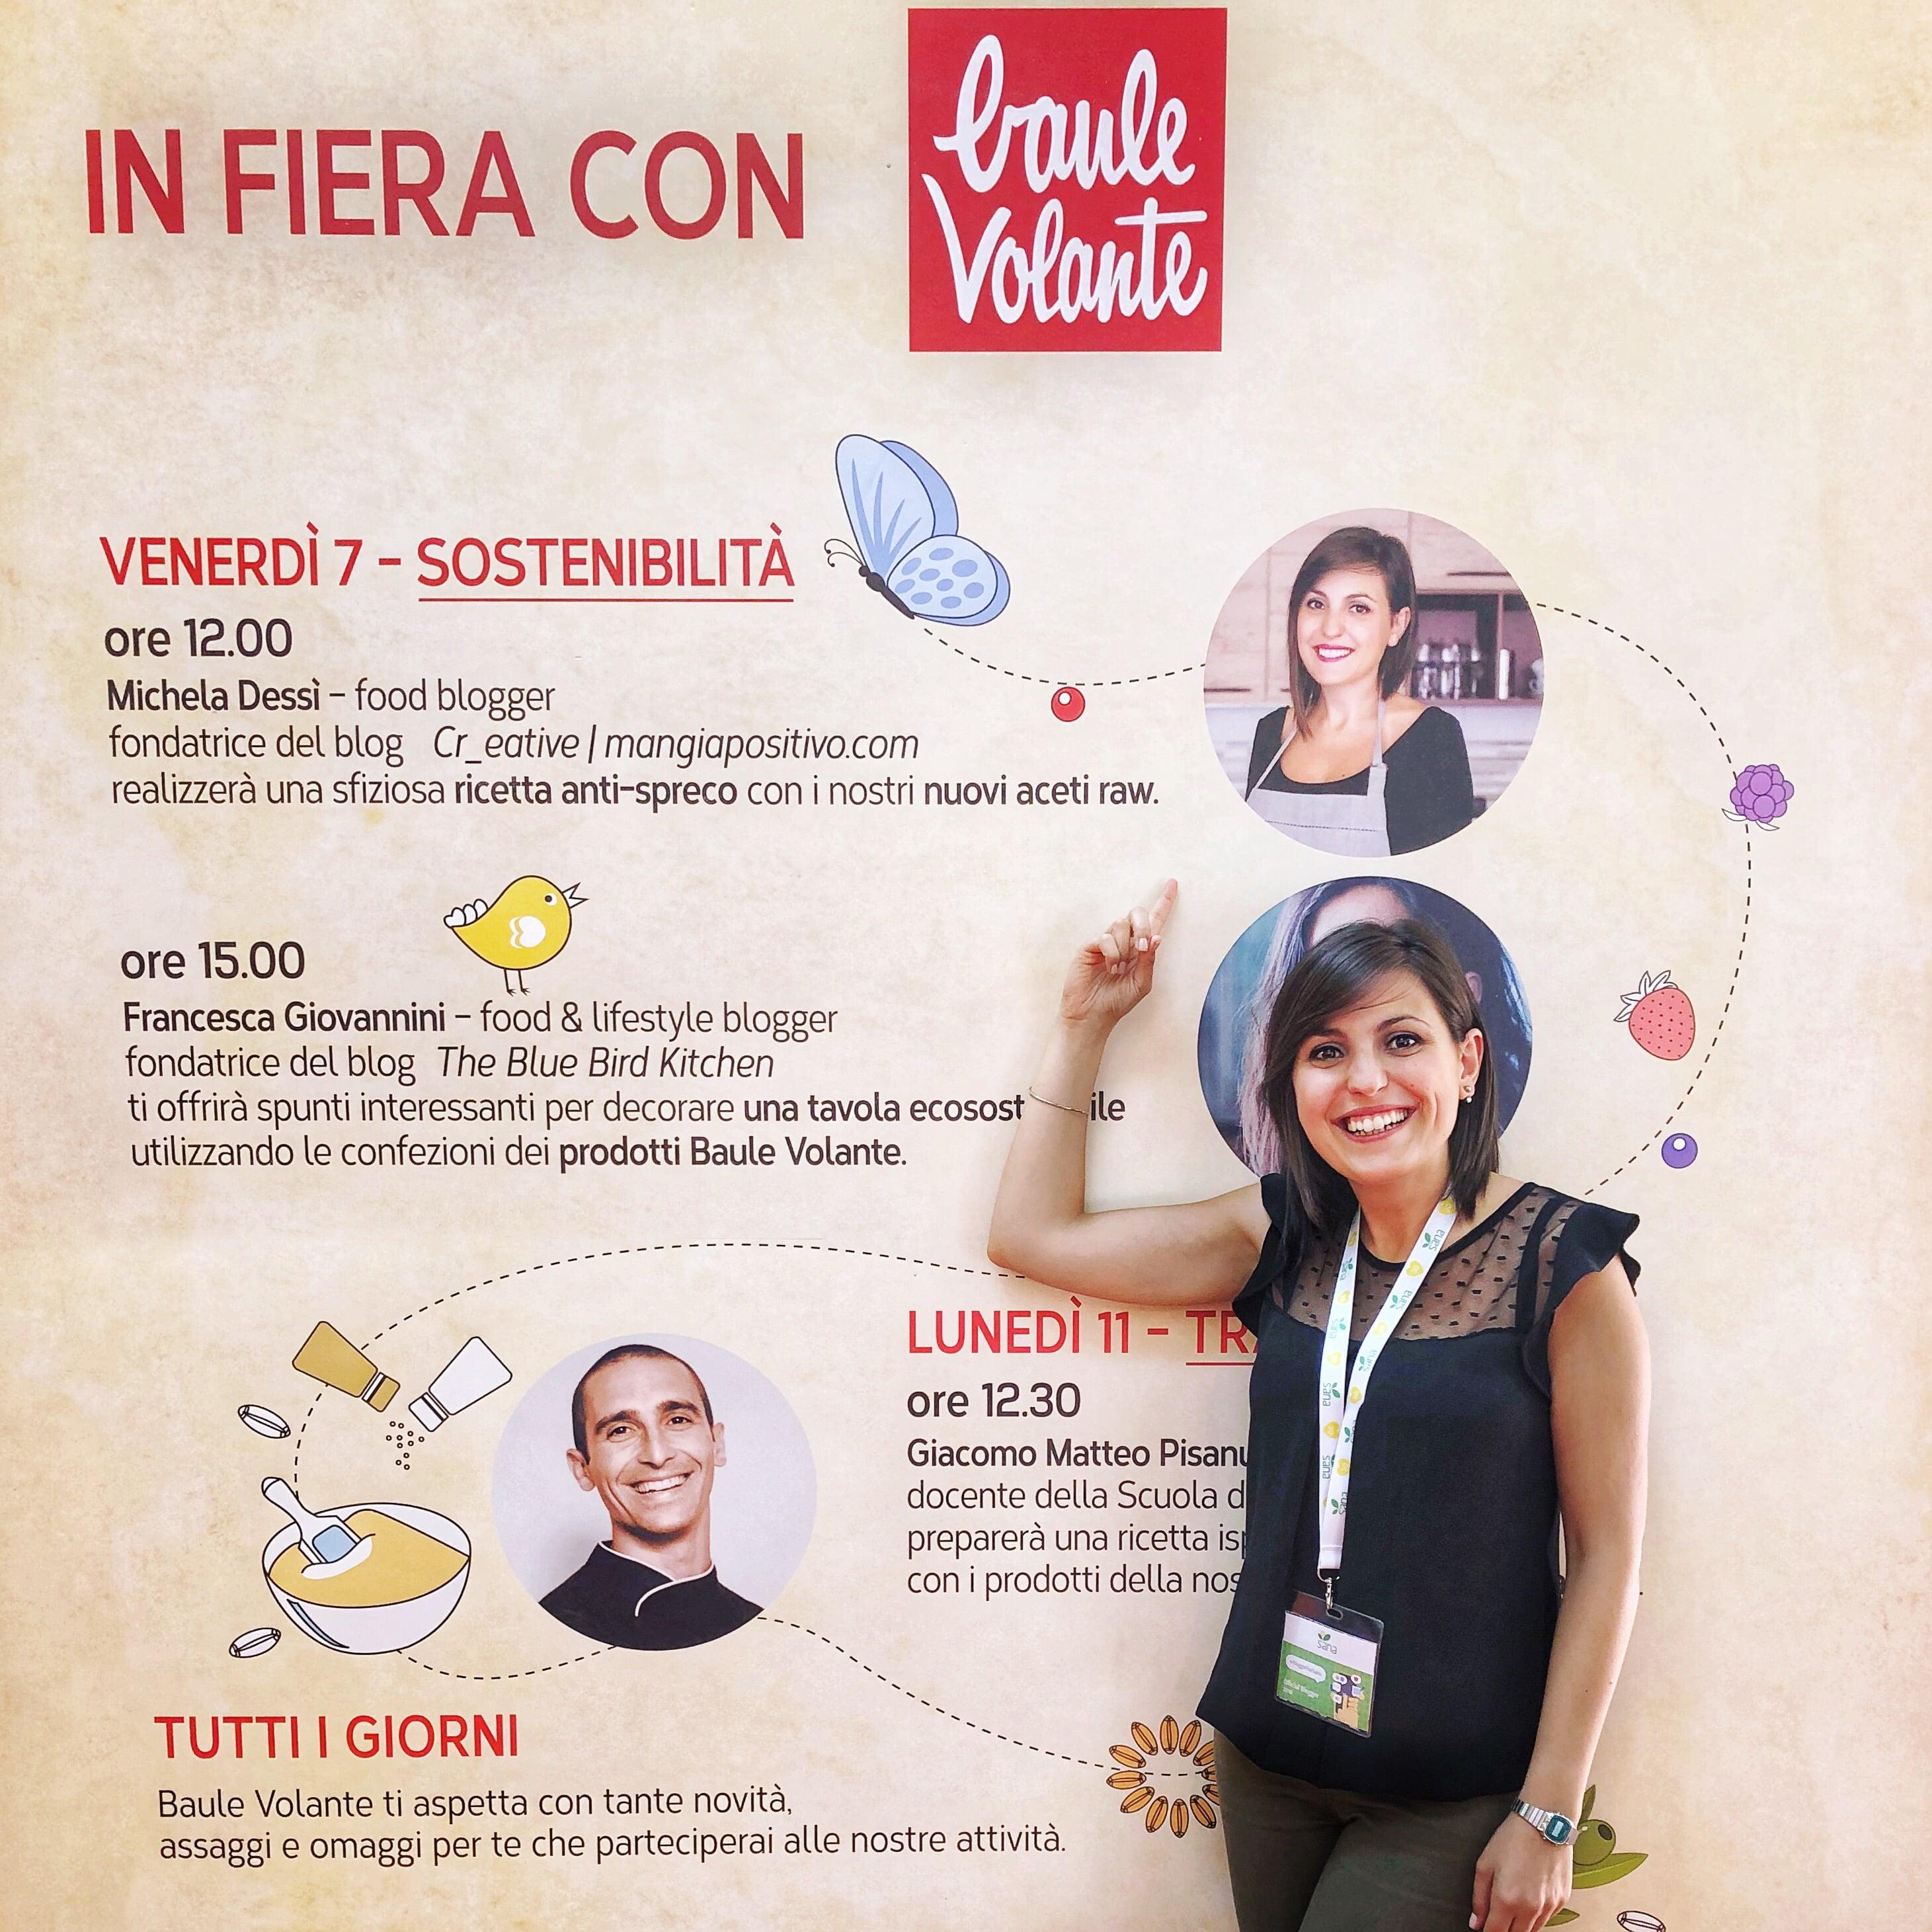 Sana fiera 2018: lo show cooking con Baule Volante